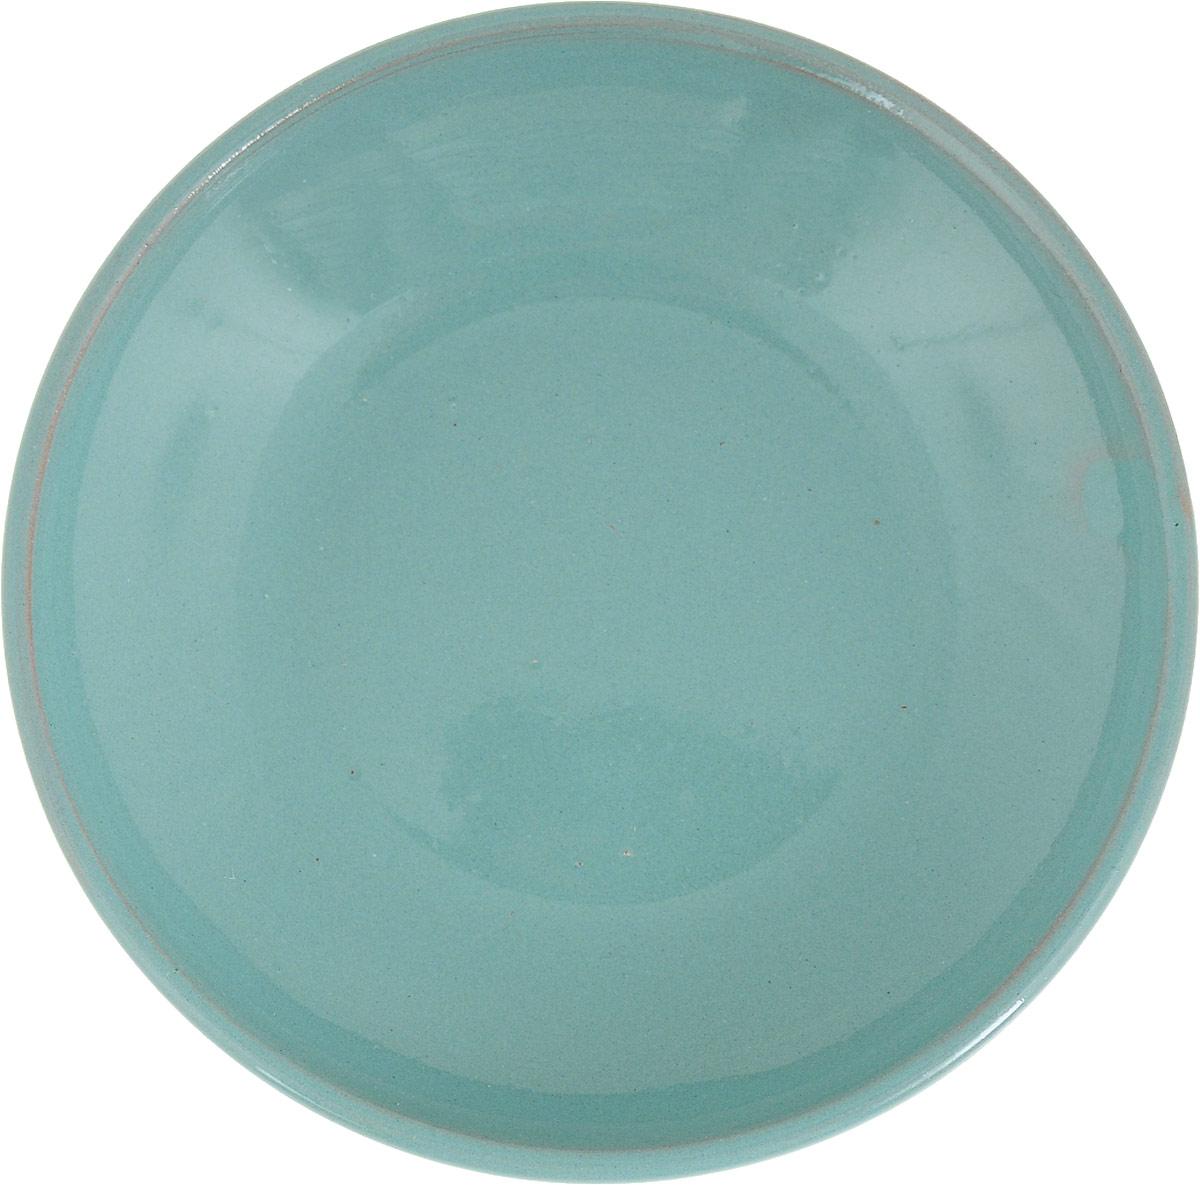 Фото - Блюдце Борисовская керамика Радуга, цвет: бирюзовый, диаметр 10 см блюдце борисовская керамика радуга цвет темно серый диаметр 10 см